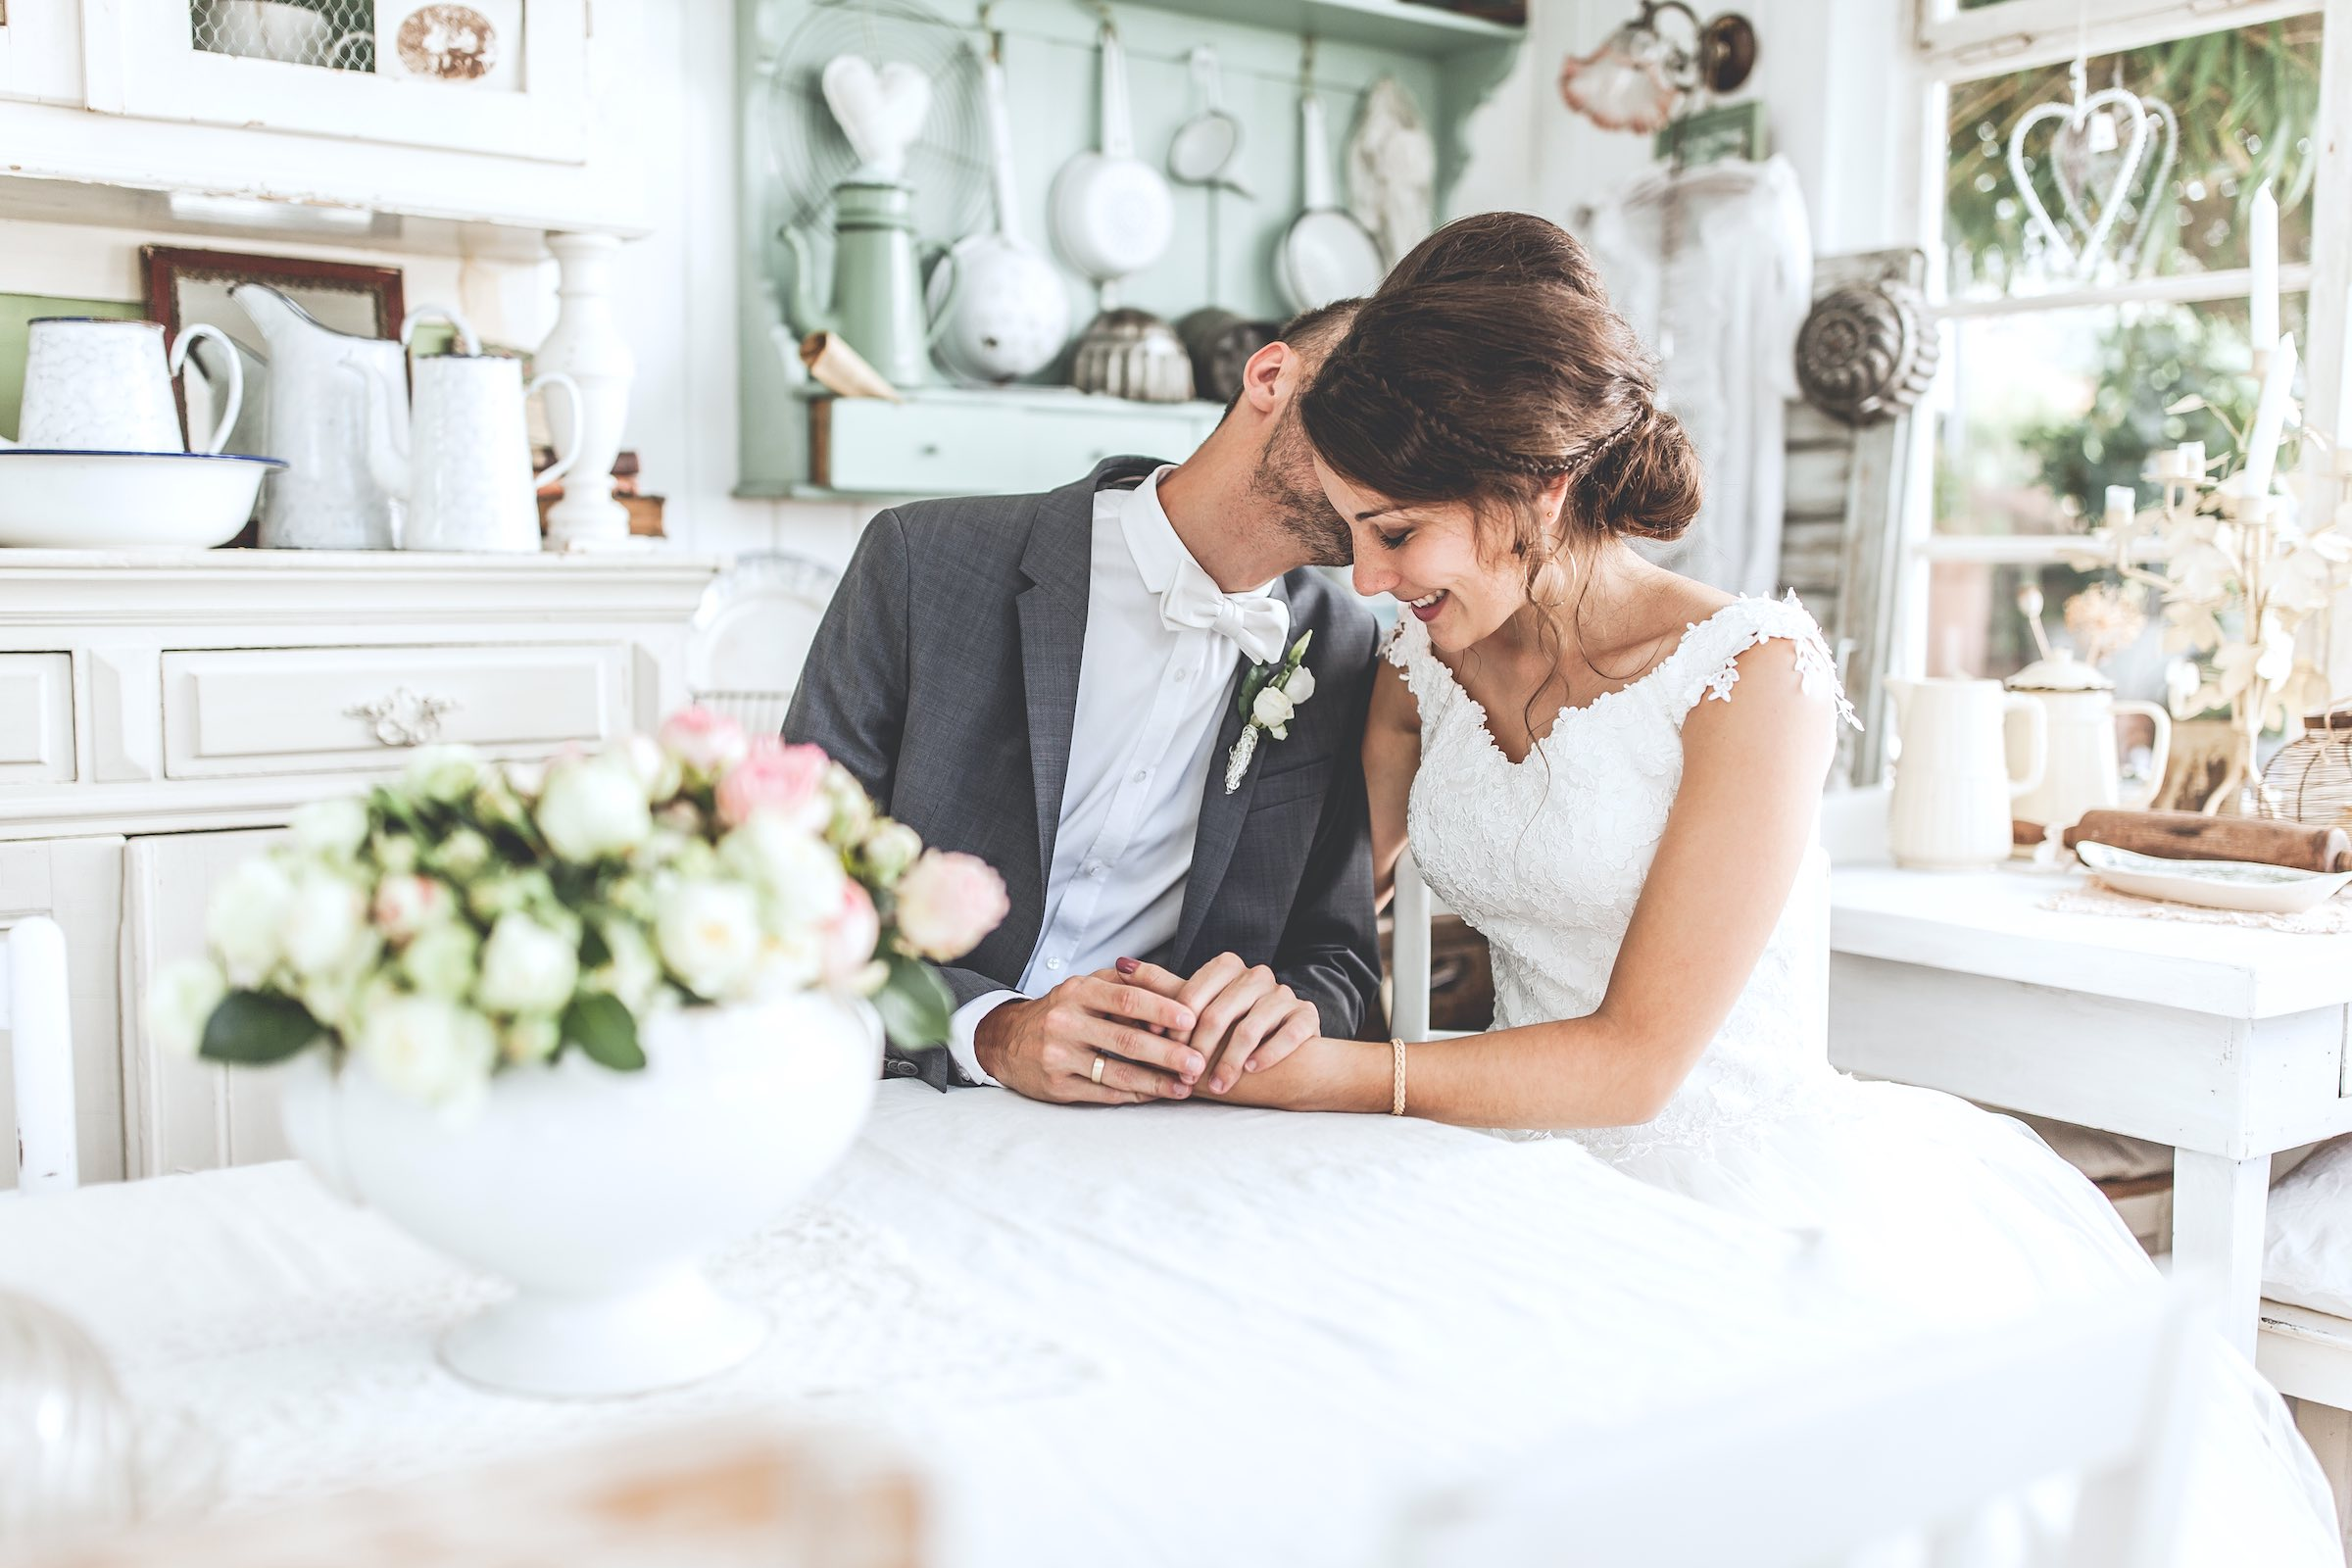 Hochzeitsreportage | Hannover | Hochzeit | Hameln | Celle | Peine | Braunschweig | Fotograf | Hochzeit | Hochzeitsfotografie | Hochzeitsfotograf | Fotografie | Mieten | Buchen | Lehmann | Eventservice